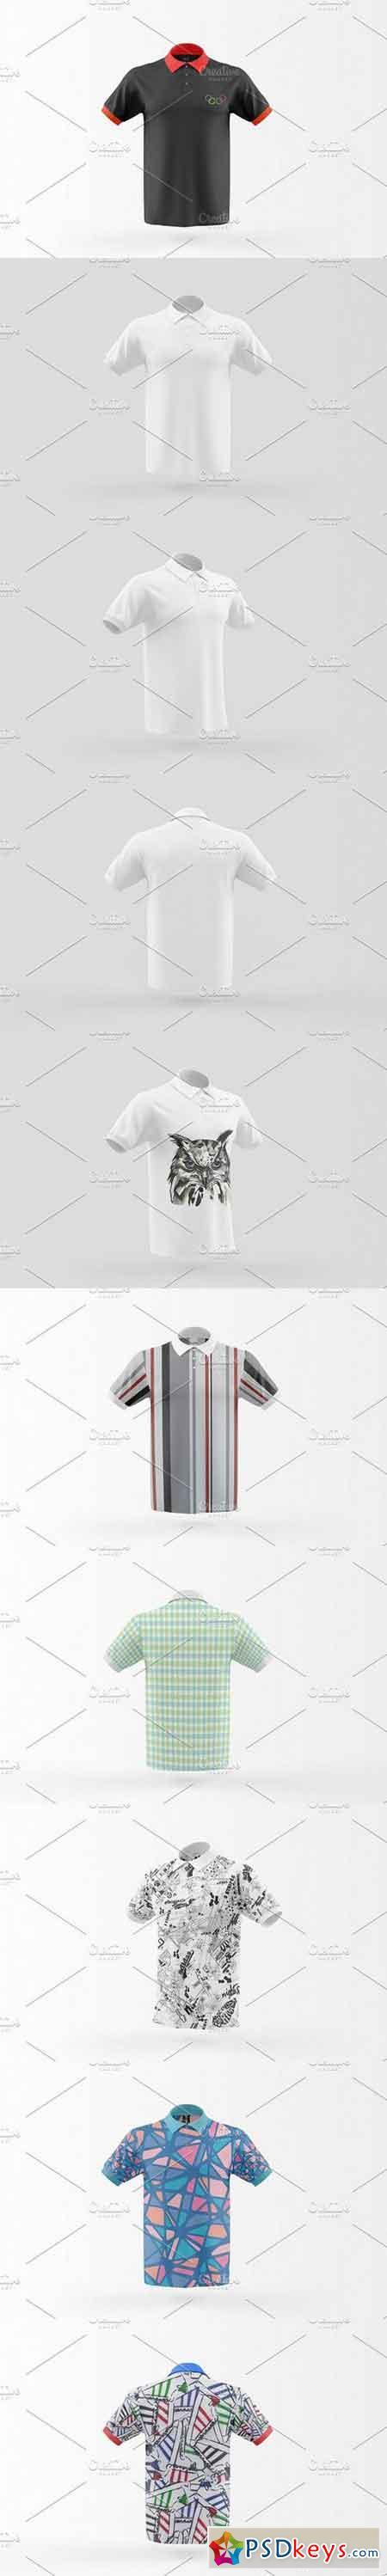 Shirt Mockup Pack 1644756